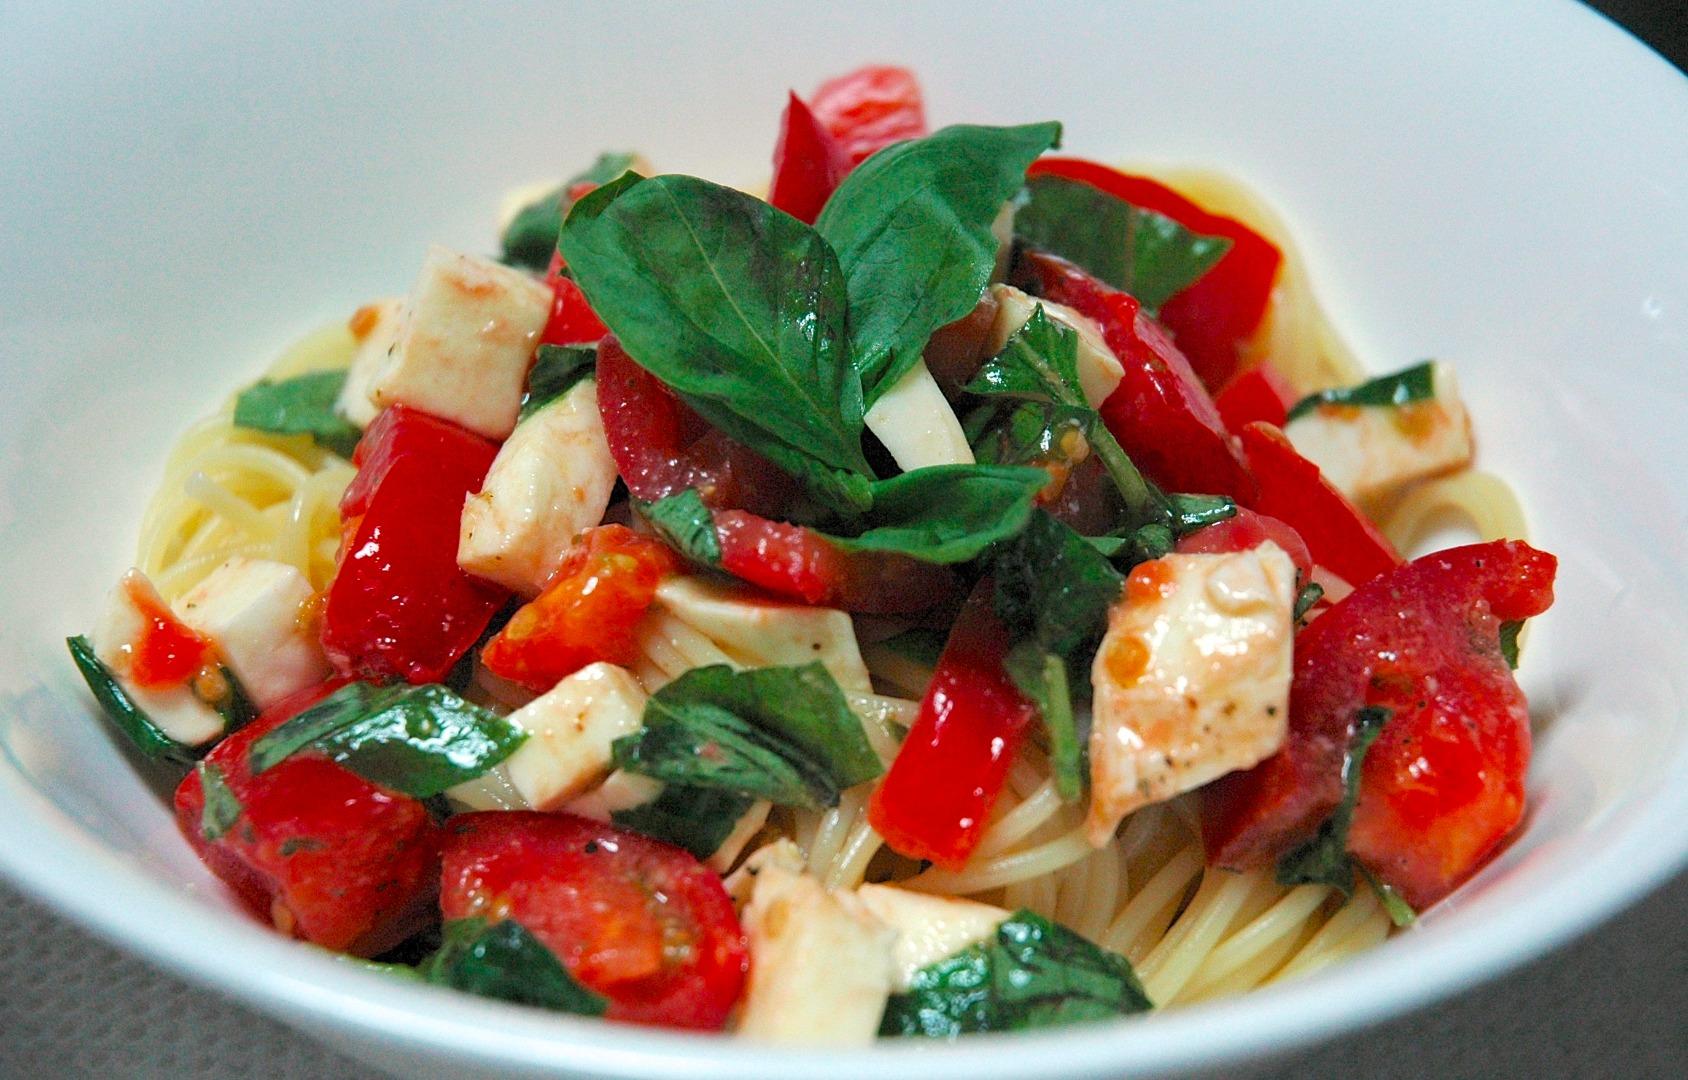 Picture of Tomato, Basil, and Mozzarella Chilled Pasta Recipe